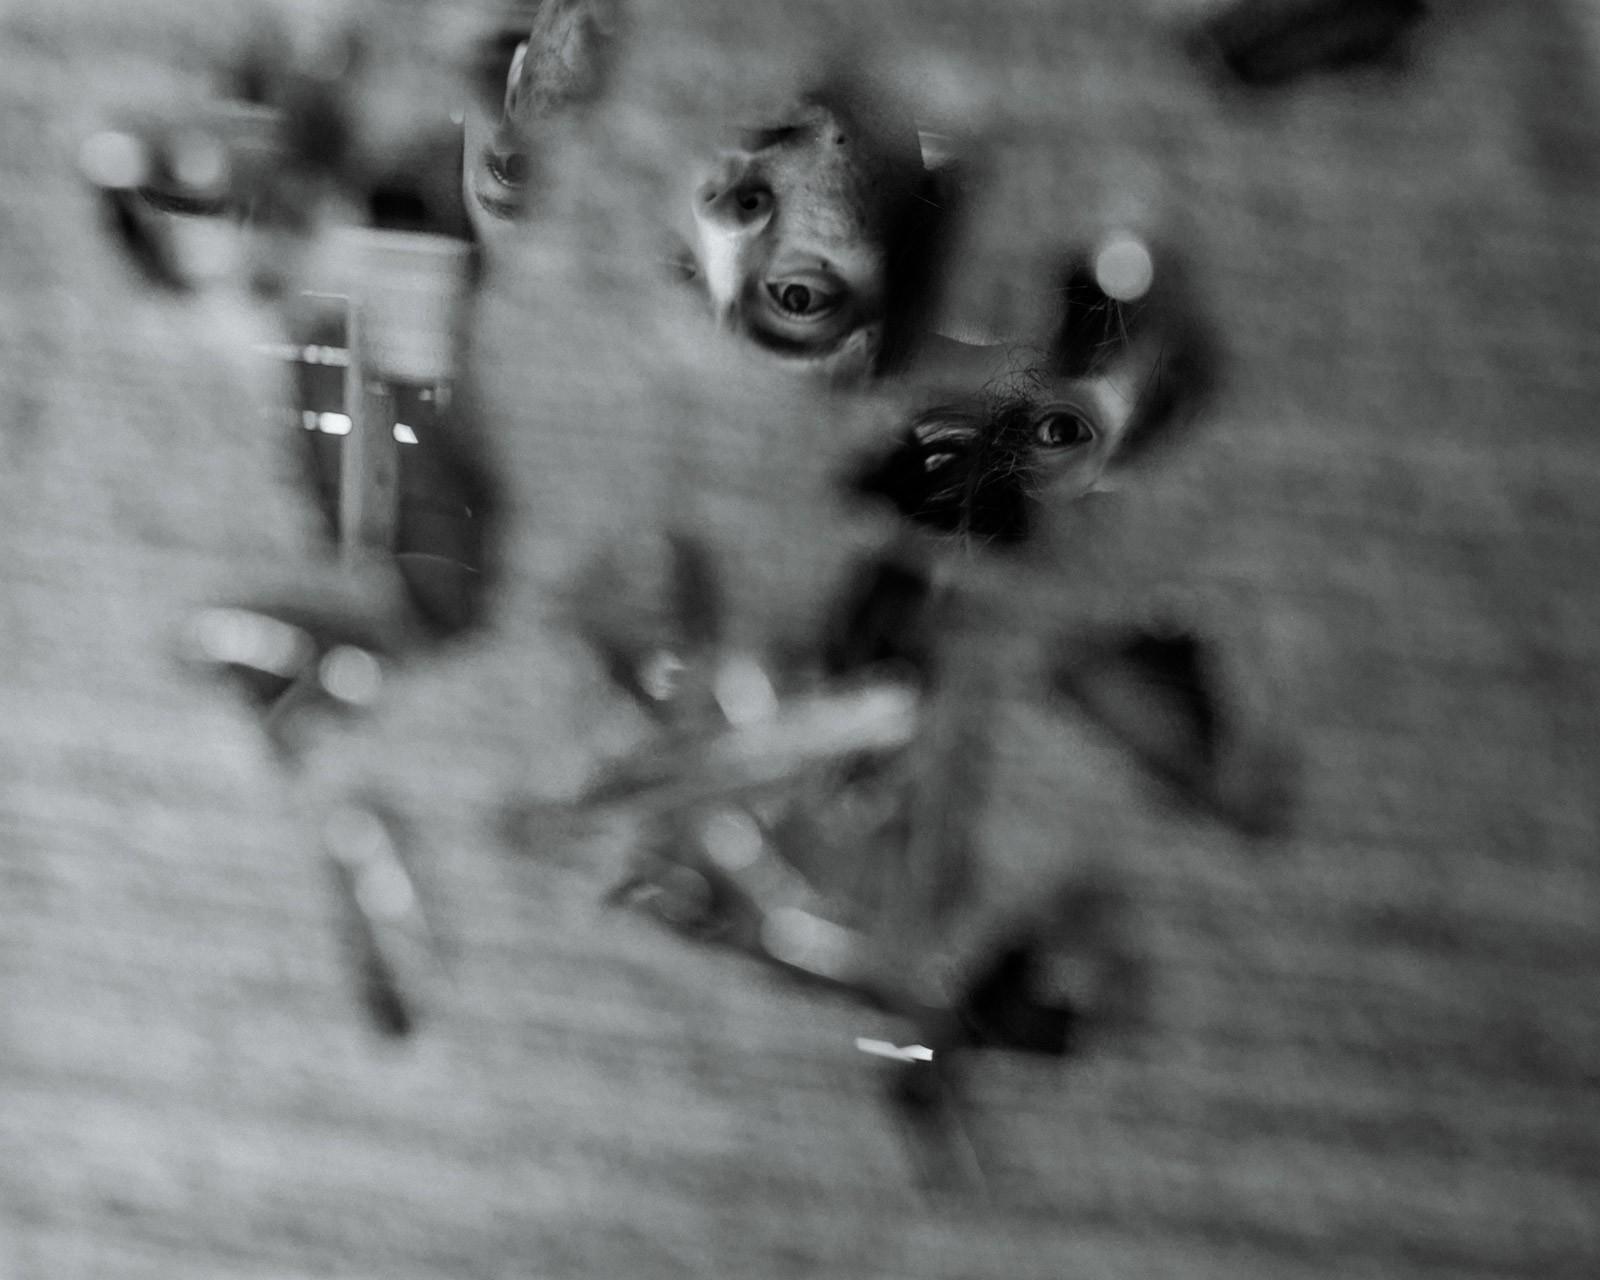 Nữ y tá bị cưỡng hiếp: Vỡ vụn vì bị cưỡng bức, tôi đã cầm đến chiếc máy ảnh - Ảnh 4.